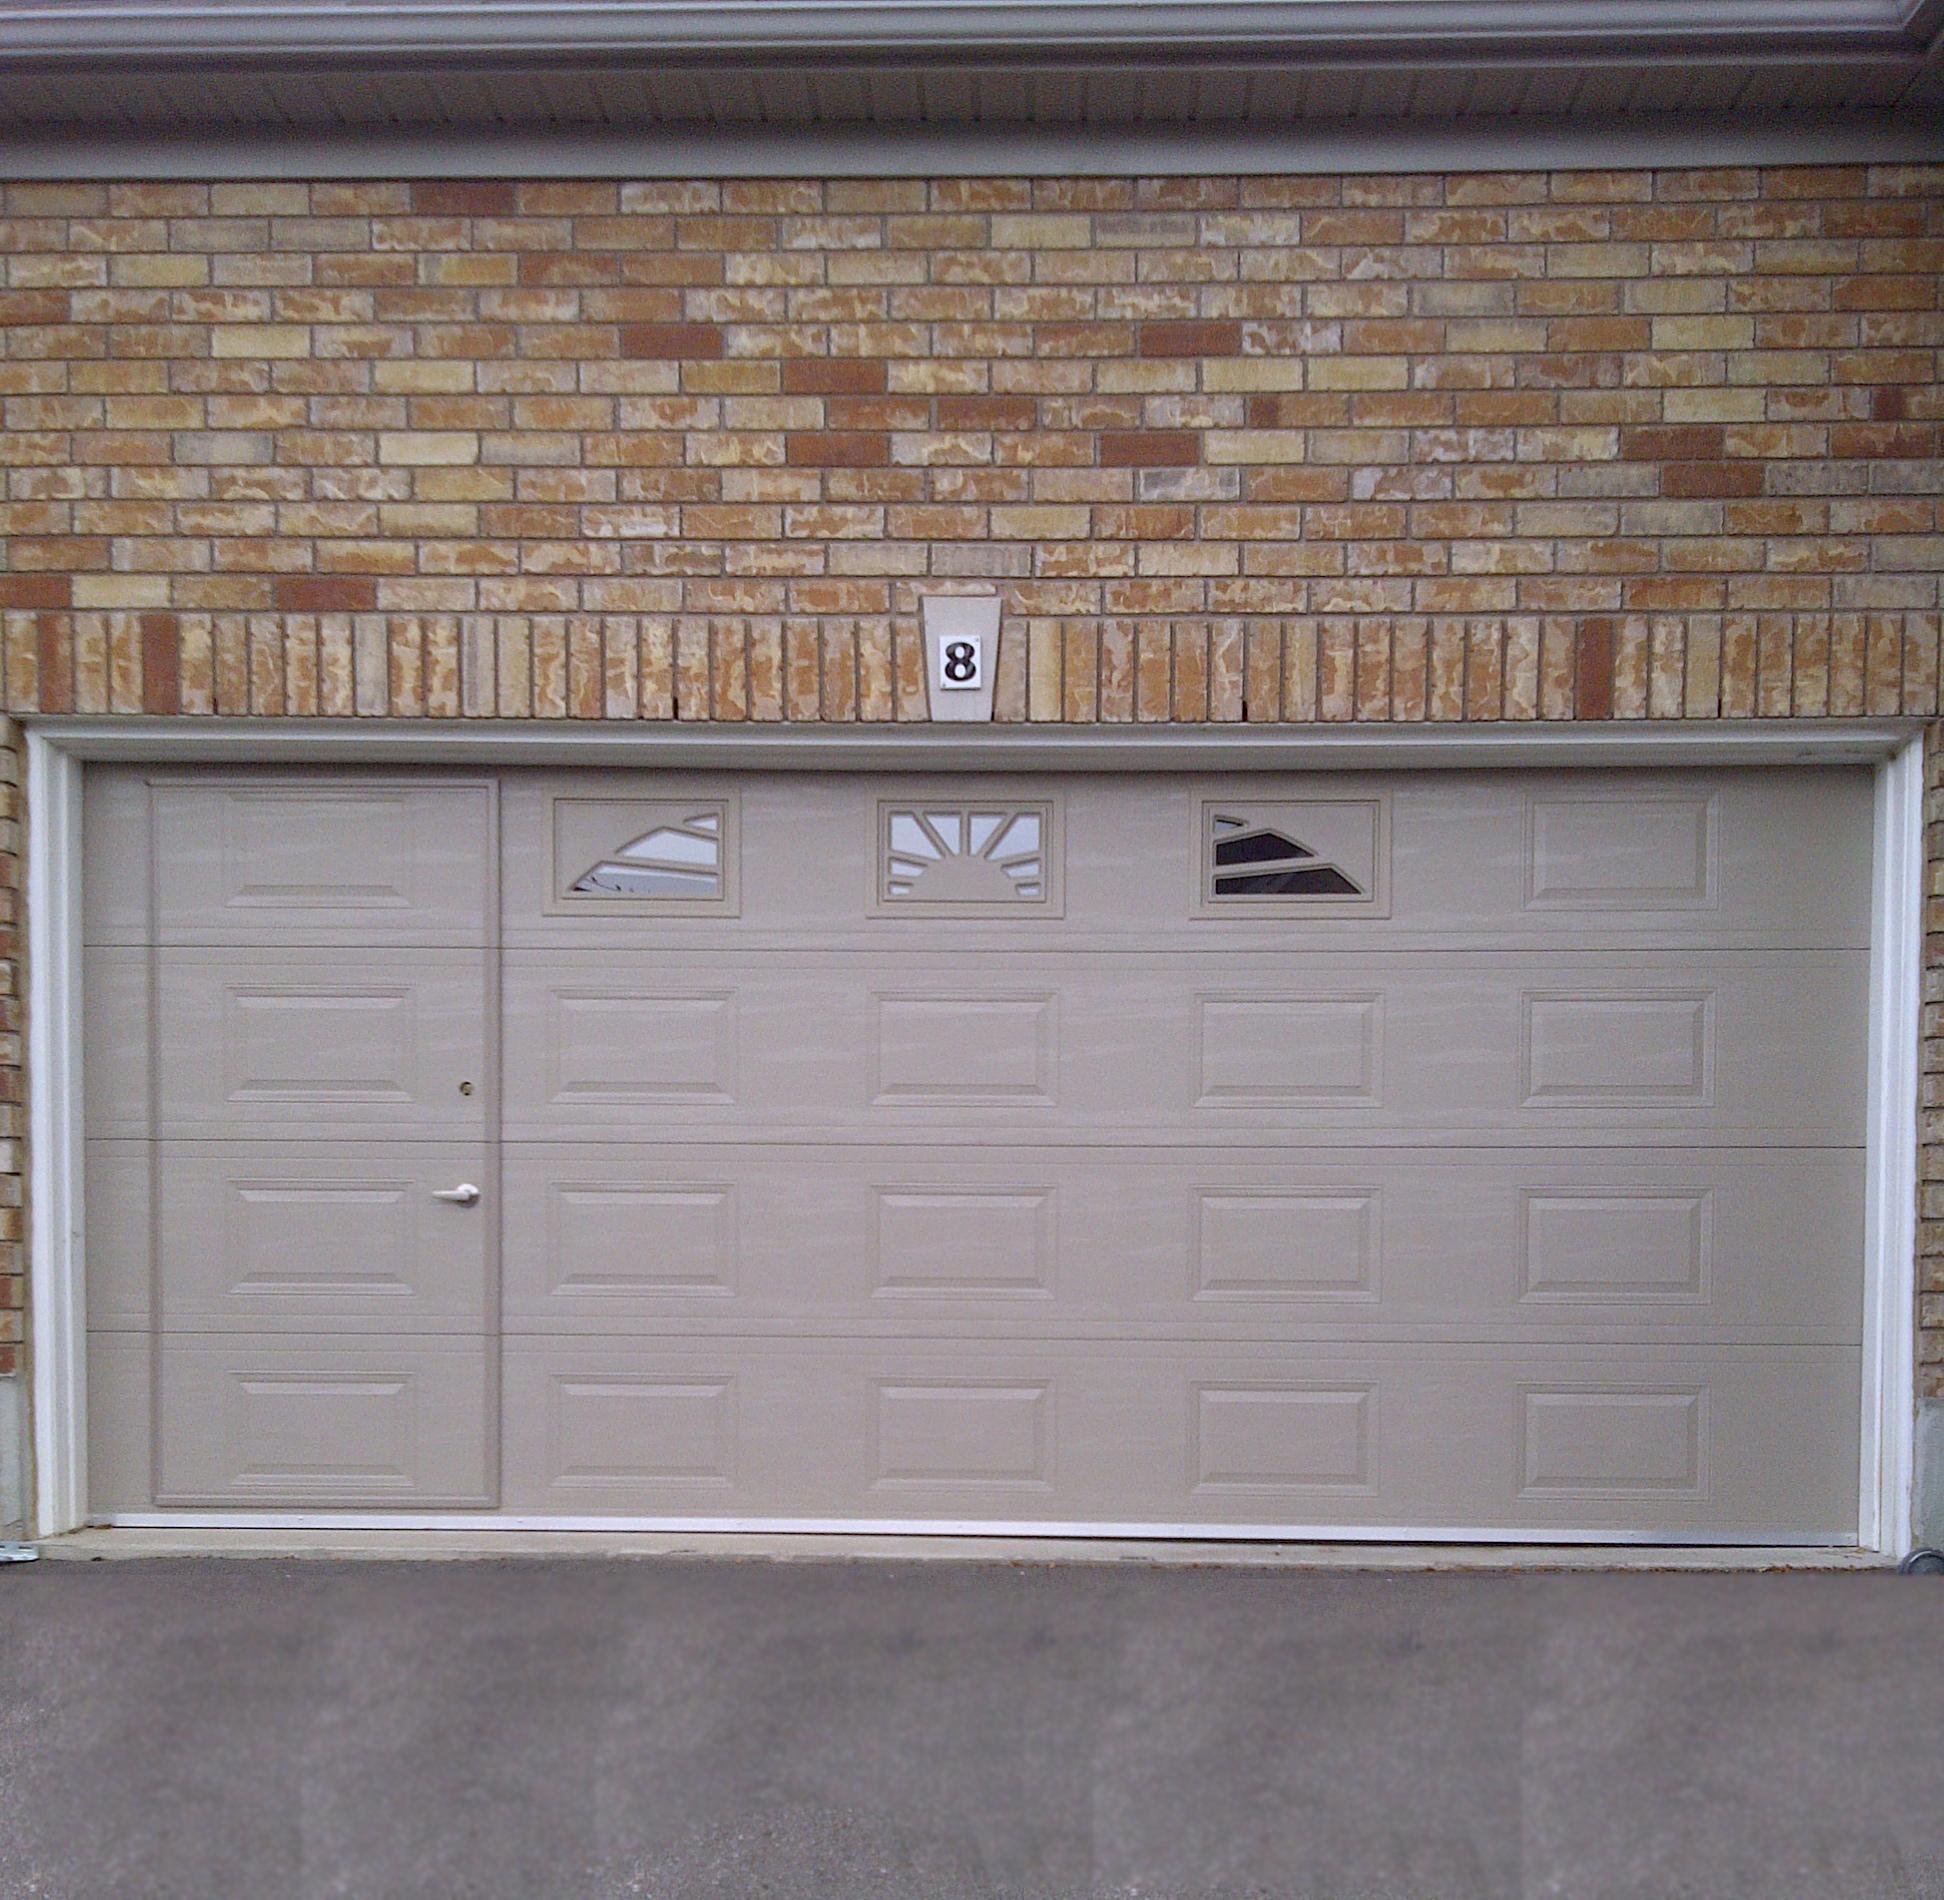 Pass Through Garage Door